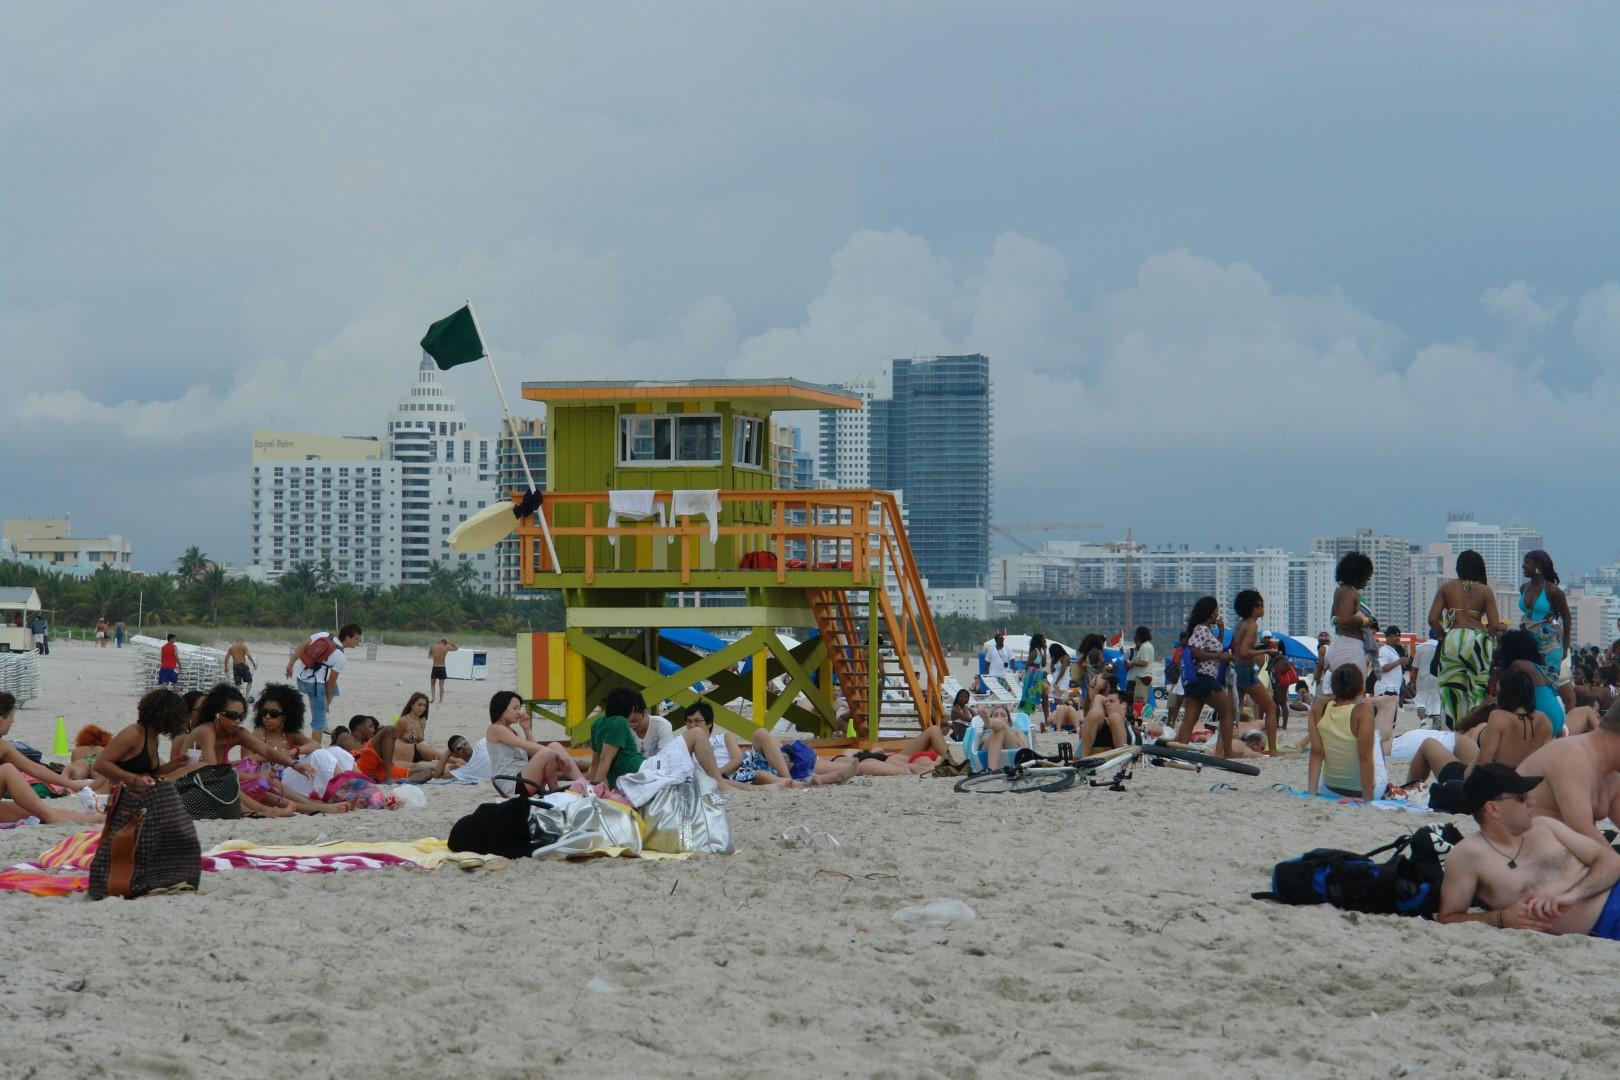 Qué hacer y ver en Miami, Florida Qué hacer y ver en Miami Qué hacer y ver en Miami 31344972676 f00a2753ef o